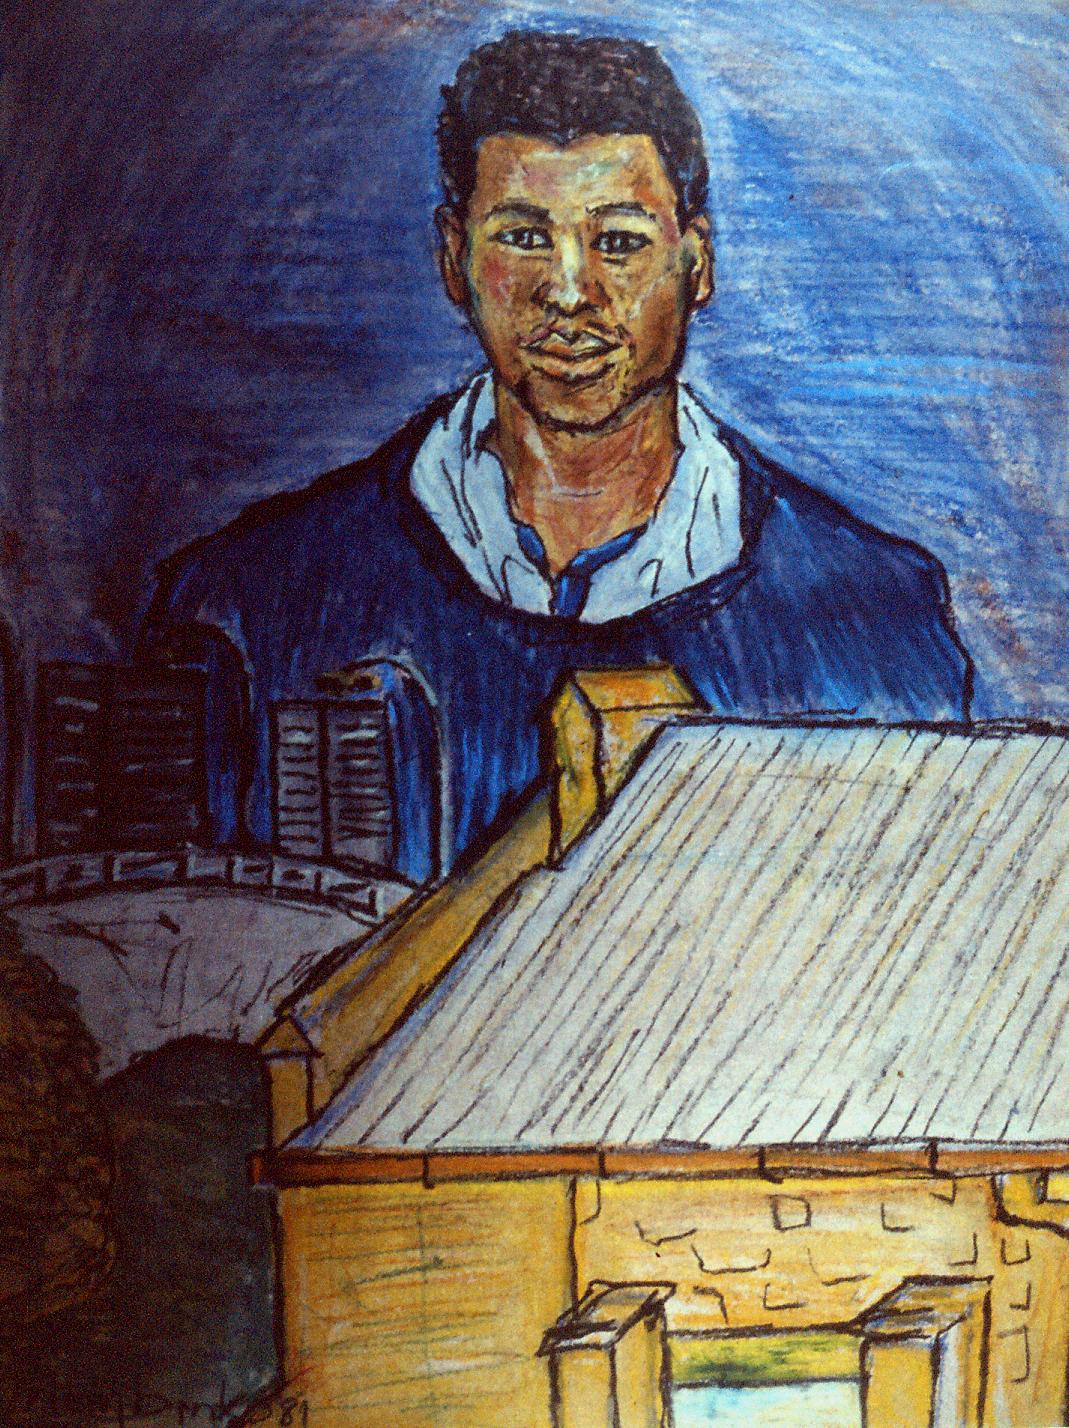 Thembinkosi Ntsele, 1989.